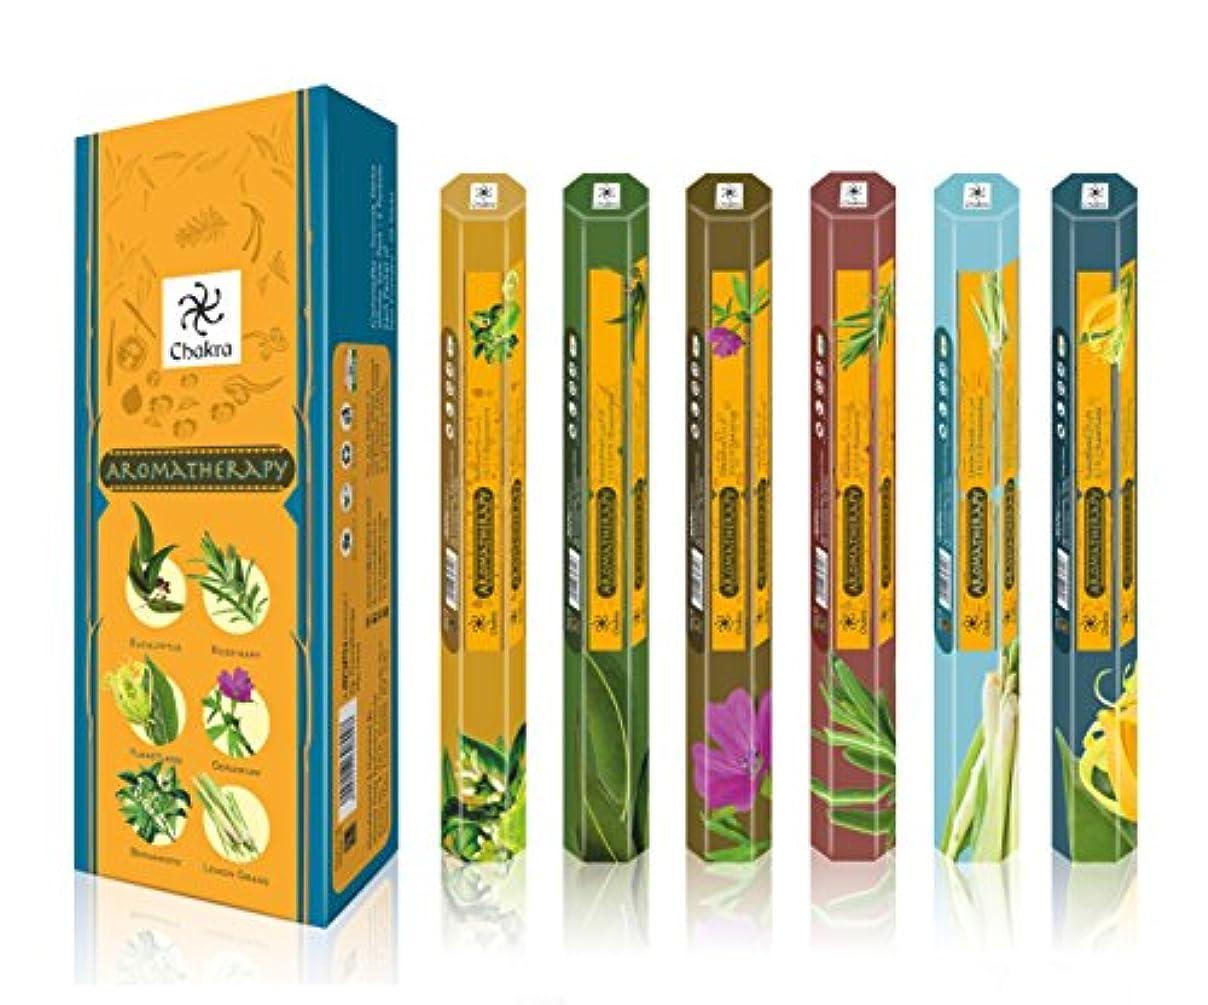 珍しい酸度ノベルティアロマセラピーナチュラルフレグランス香りつきSticks – 促進健康とWell being- 20 Incense Sticks Perボックス – Long Lasting 120 Fragrance Sticks ...